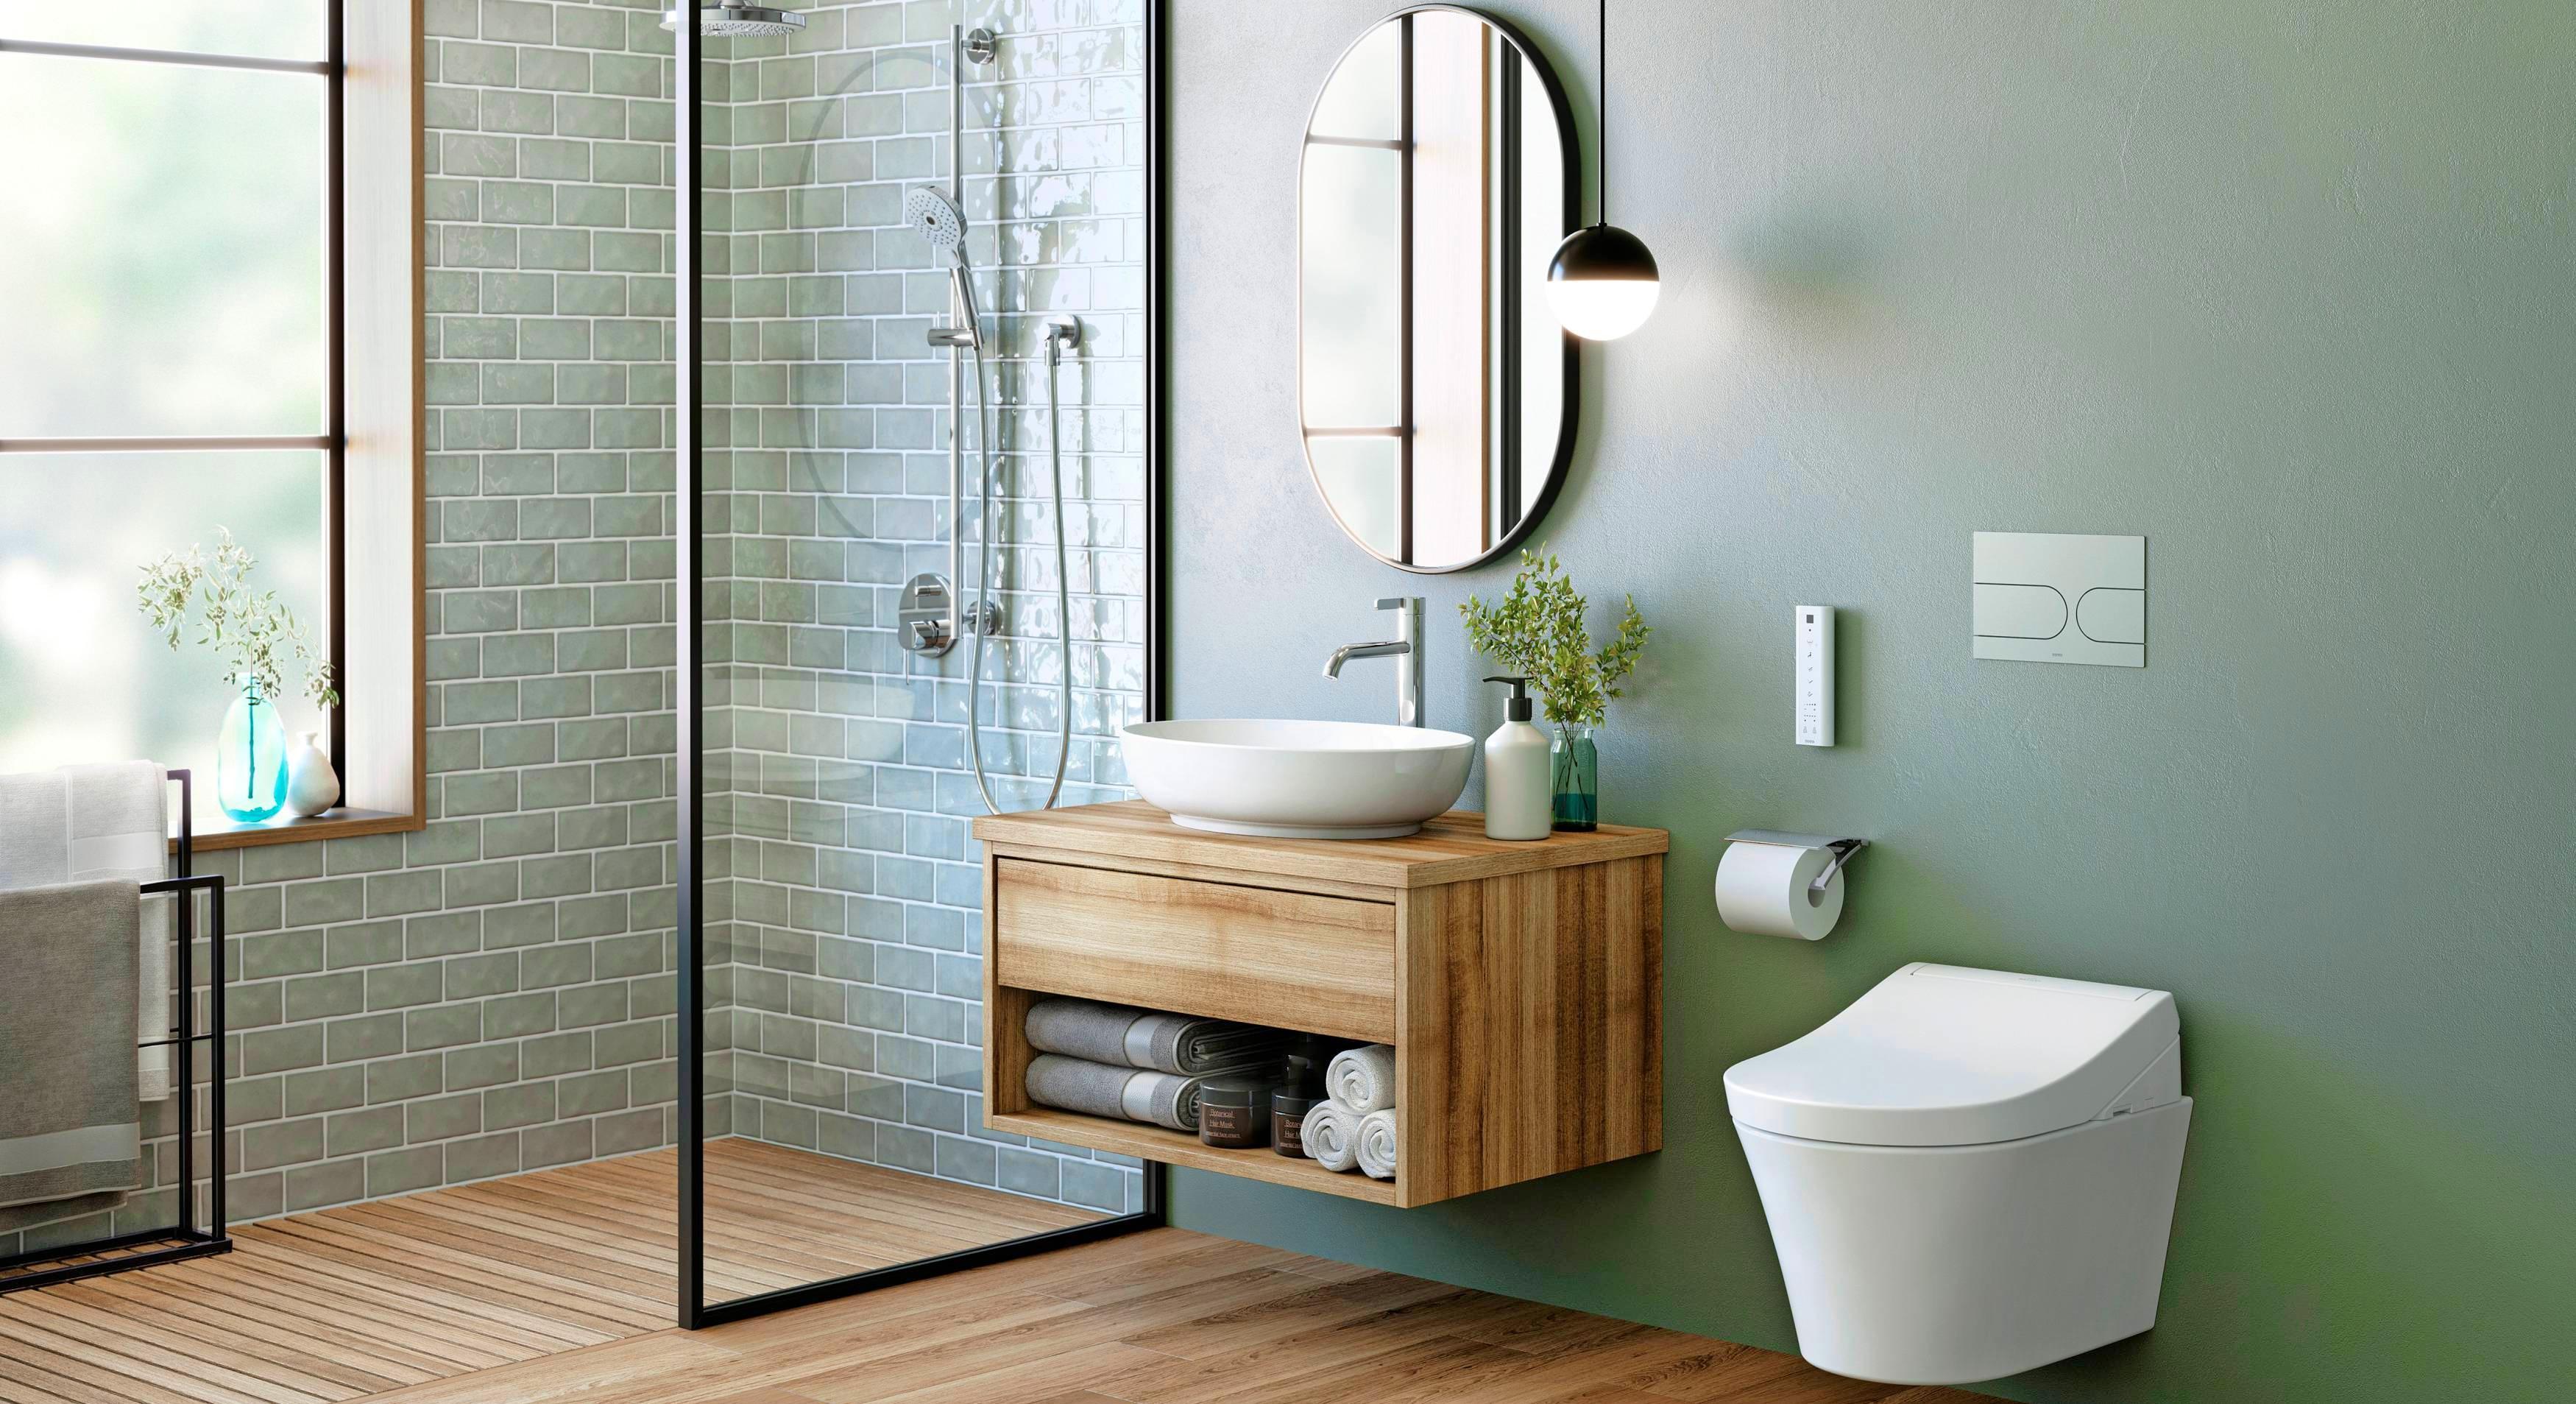 Trotz der neuen Farbigkeit im Badezimmer bleiben viele Keramiken weiß – zum Beispiel die Toilettenschüssel. Foto: Toto